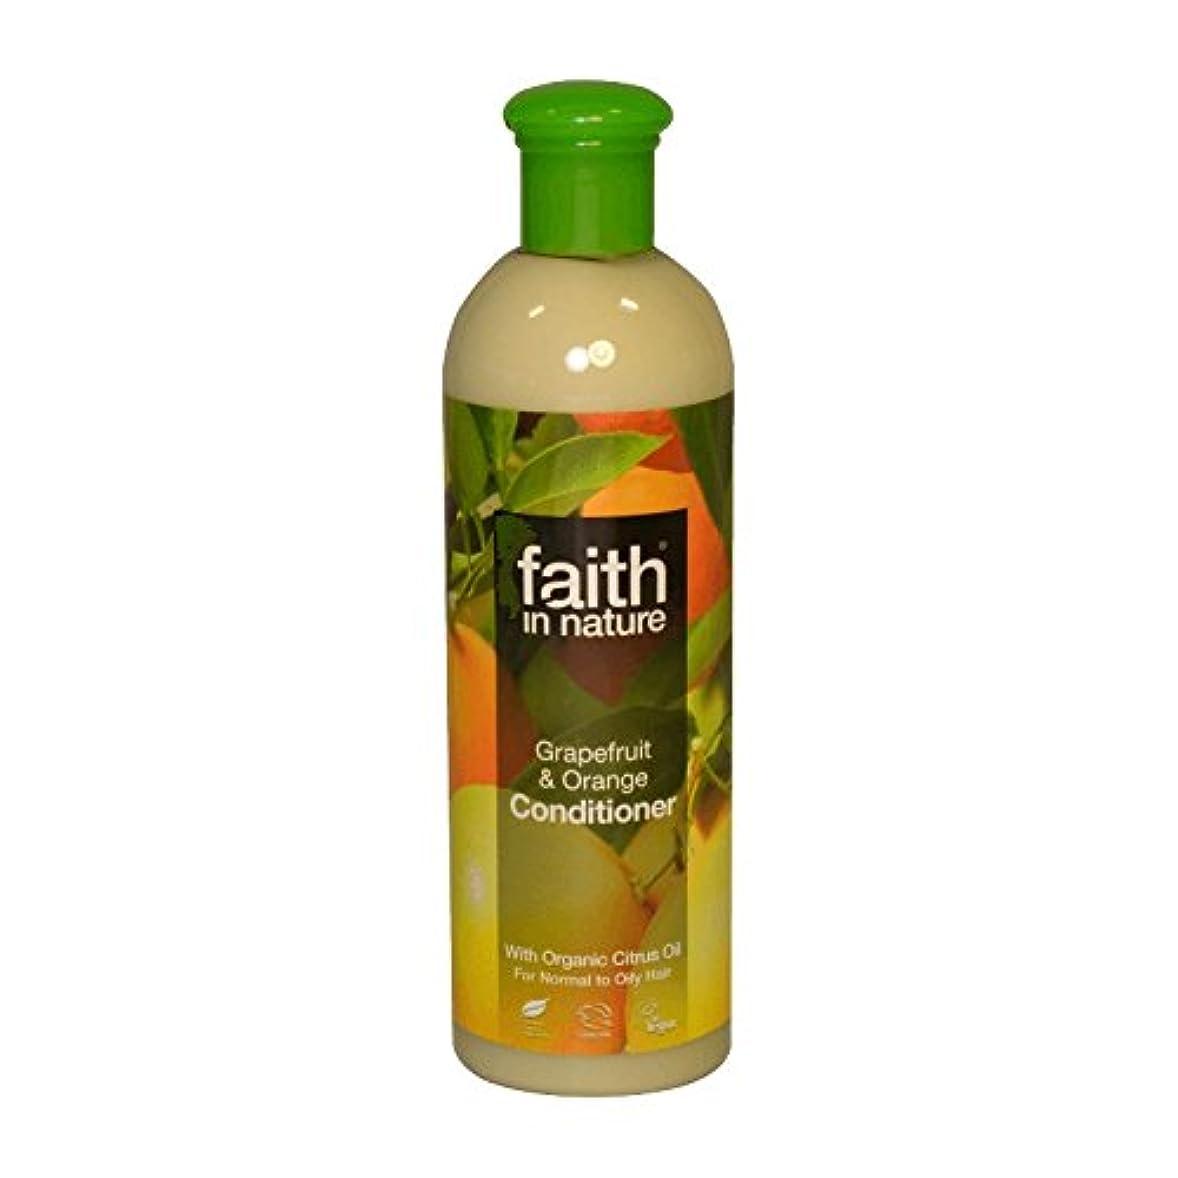 博覧会機知に富んだ団結するFaith in Nature Grapefruit & Orange Conditioner 400ml (Pack of 6) - 自然グレープフルーツ&オレンジコンディショナー400ミリリットルの信仰 (x6) [並行輸入品]